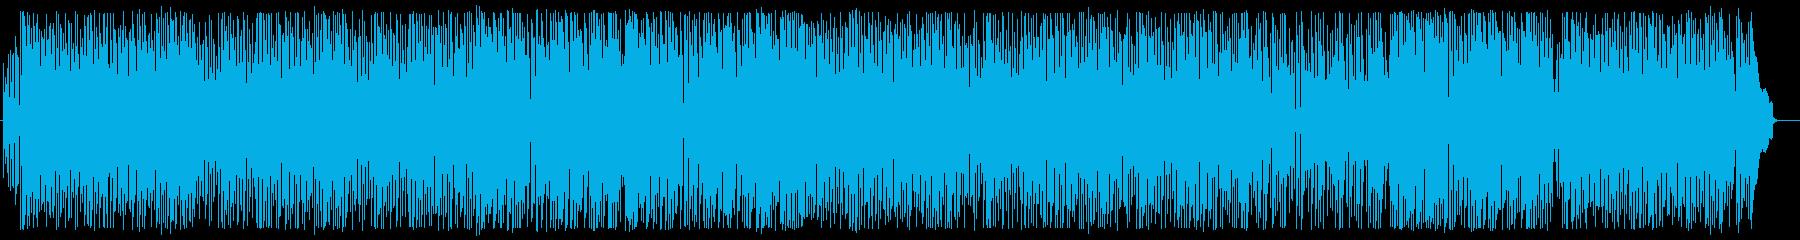 解放感のある軽快なポップスの再生済みの波形